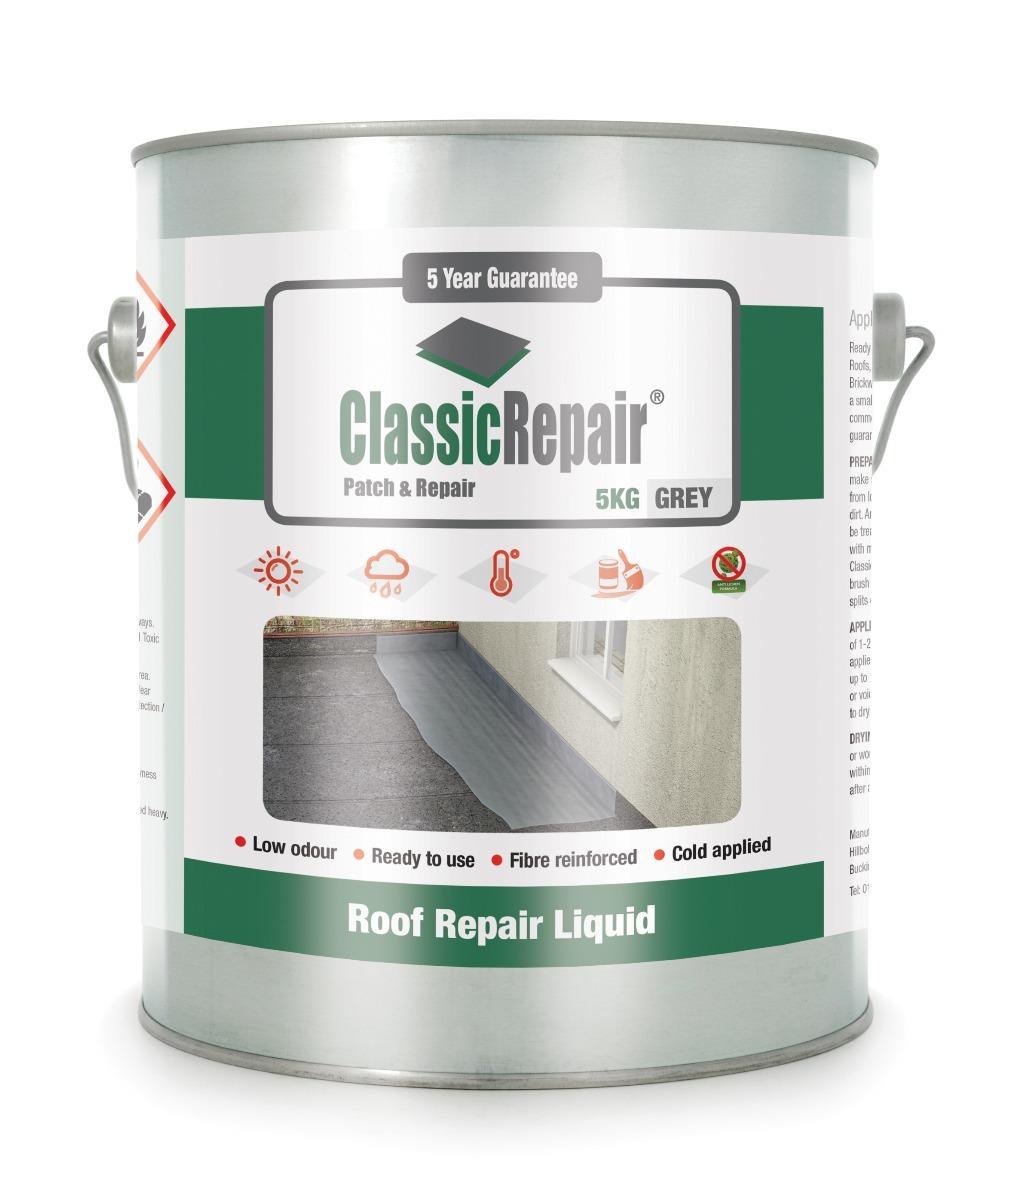 Classid Repair Flat Roof Material